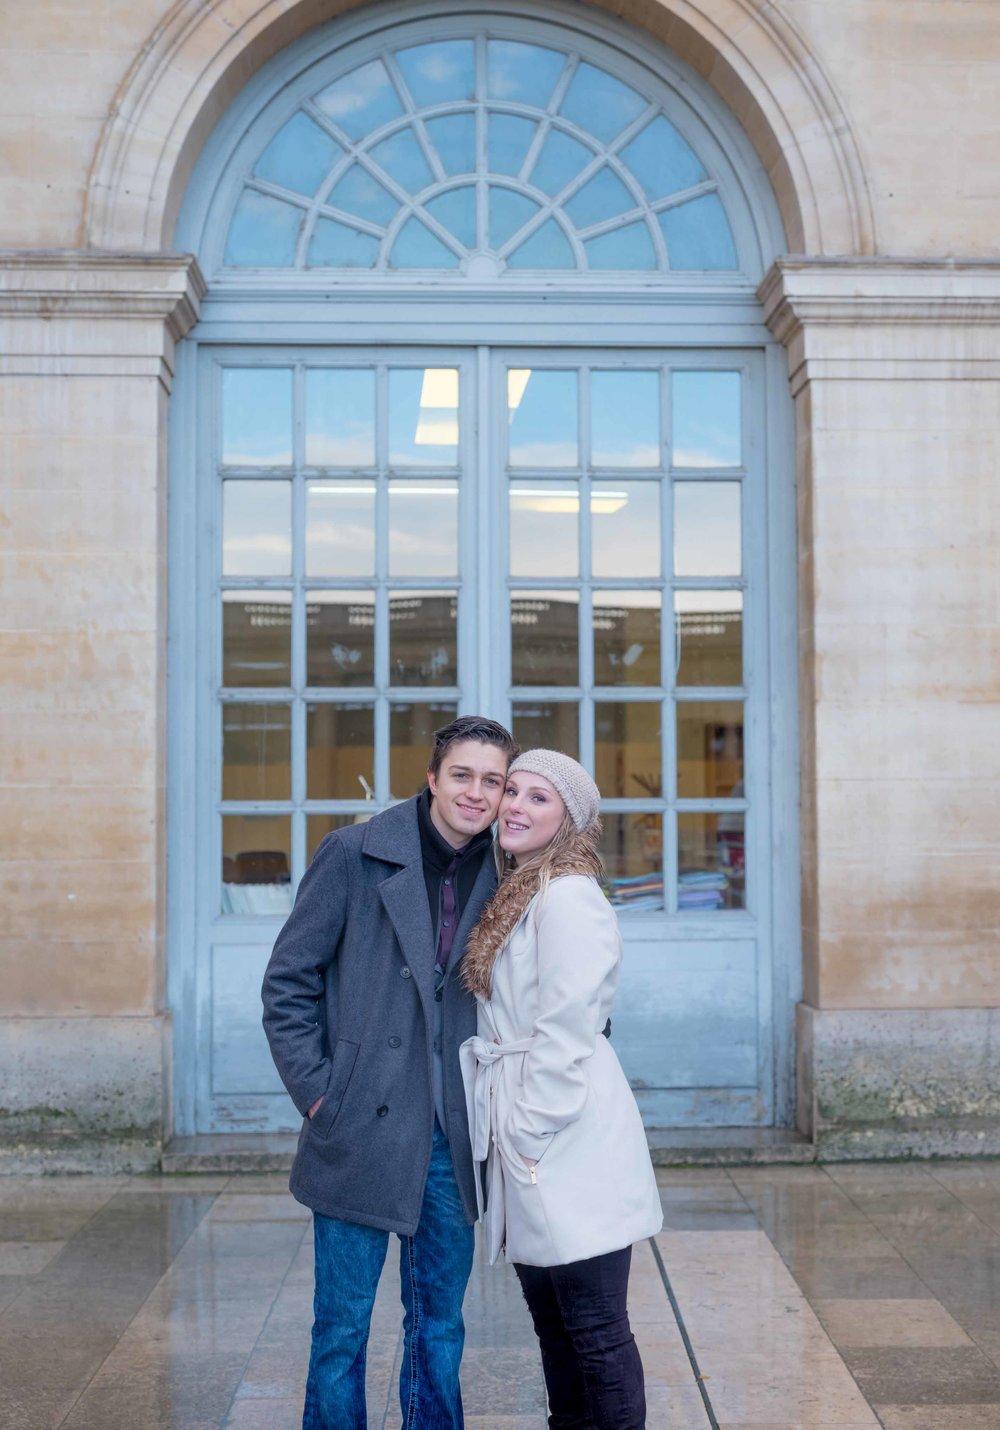 surprise proposal photo session louvre museum paris france